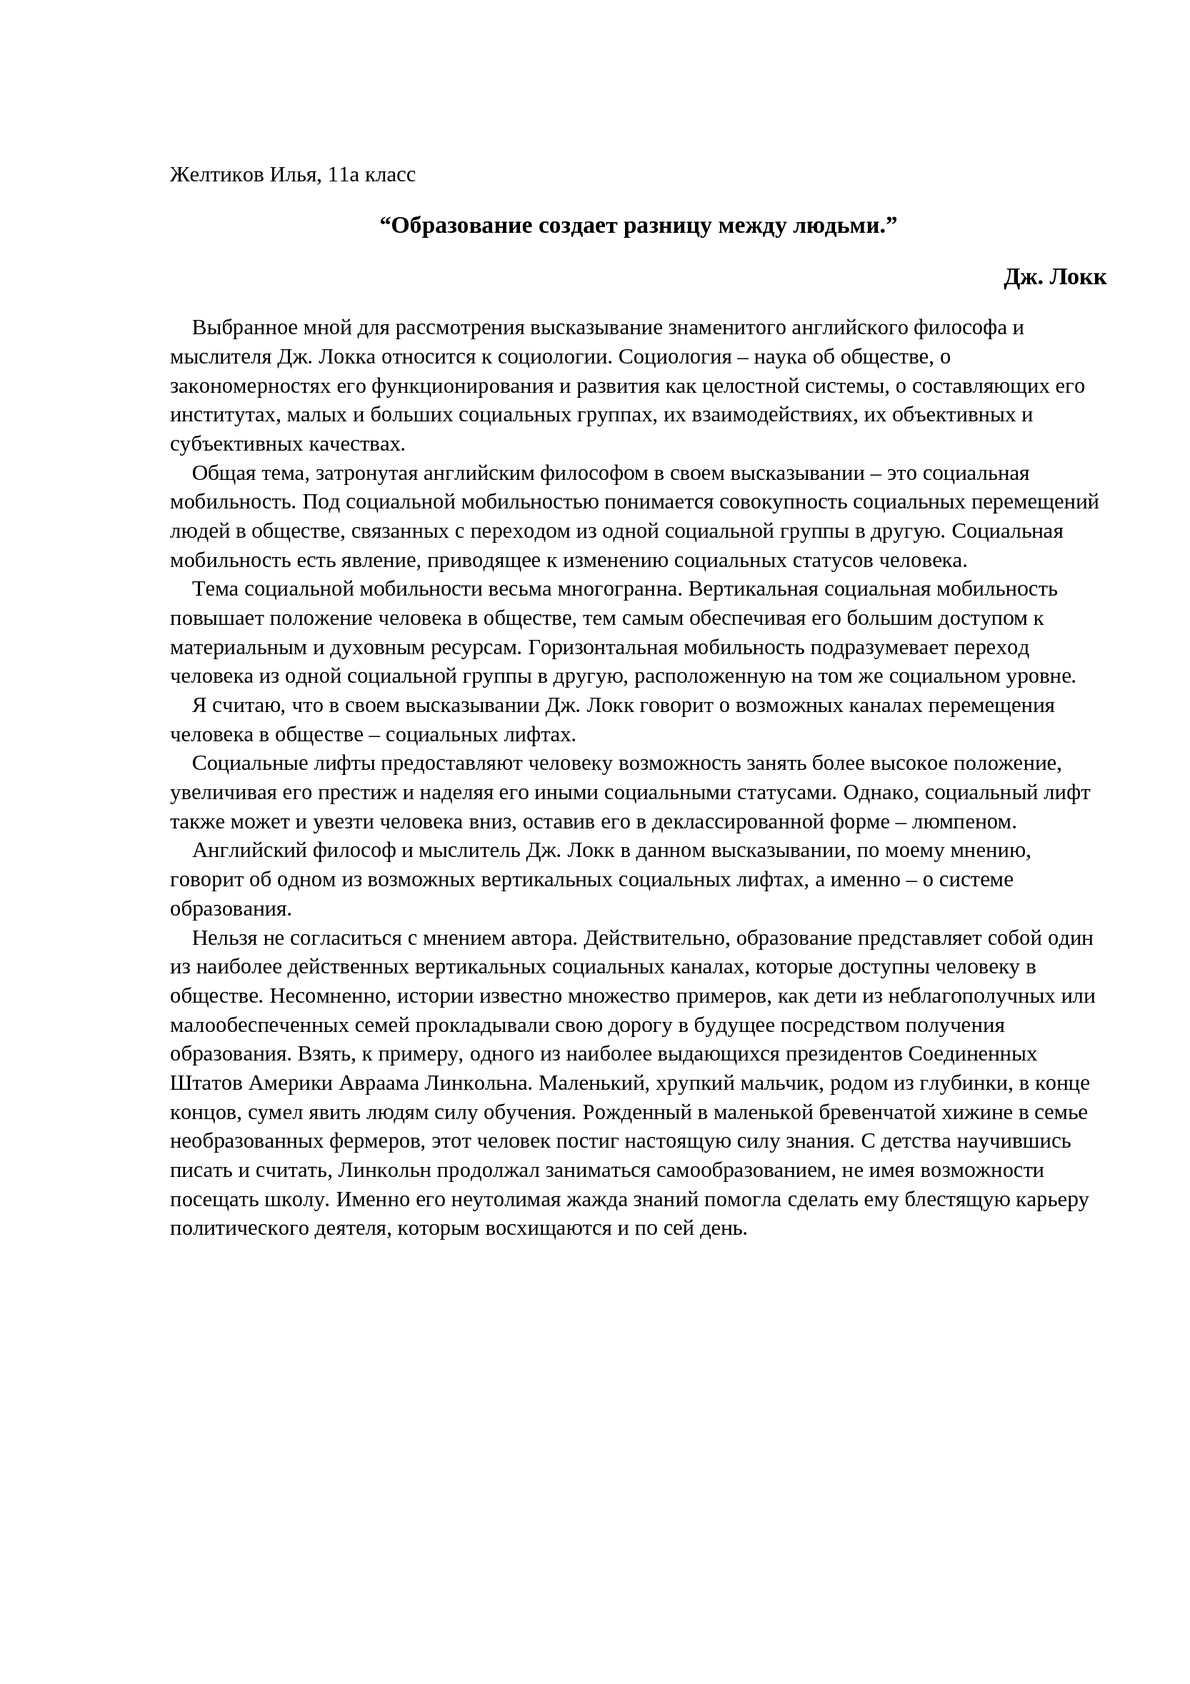 Эссе темы по образованию 4521